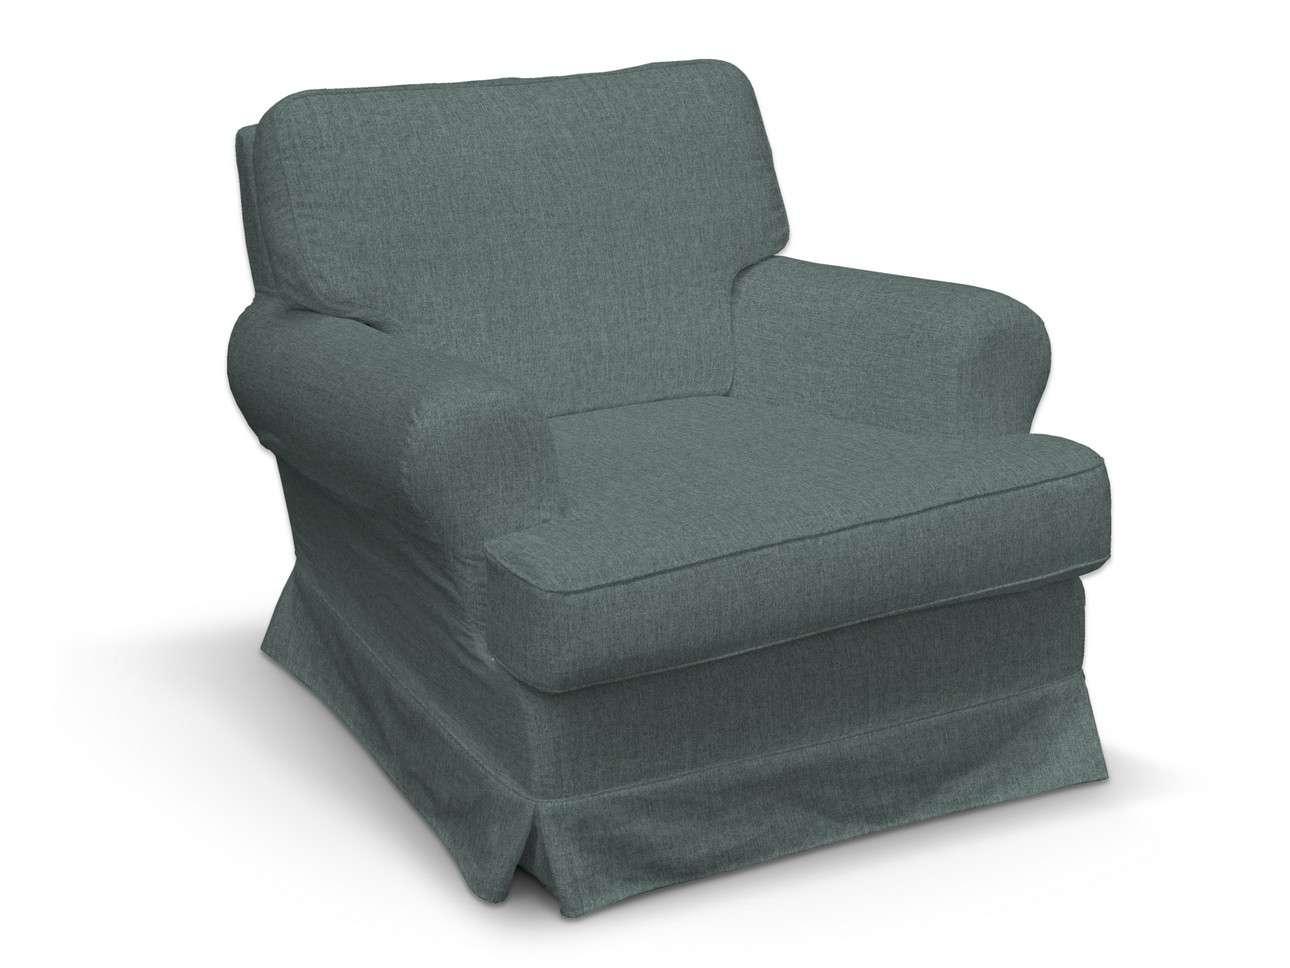 Pokrowiec na fotel Barkaby w kolekcji City, tkanina: 704-85